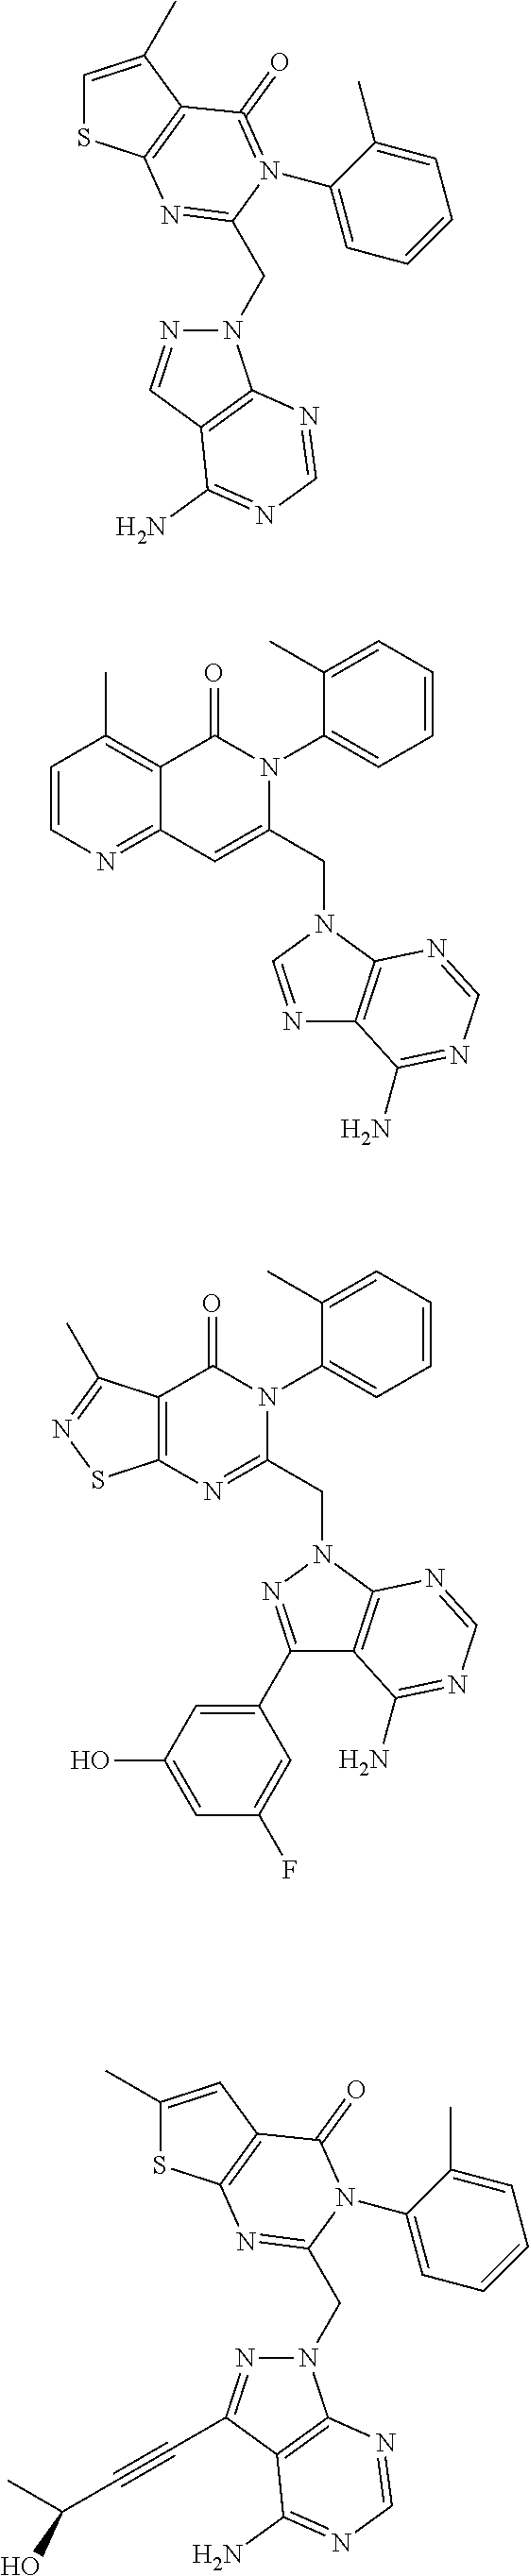 Figure US20110046165A1-20110224-C00331